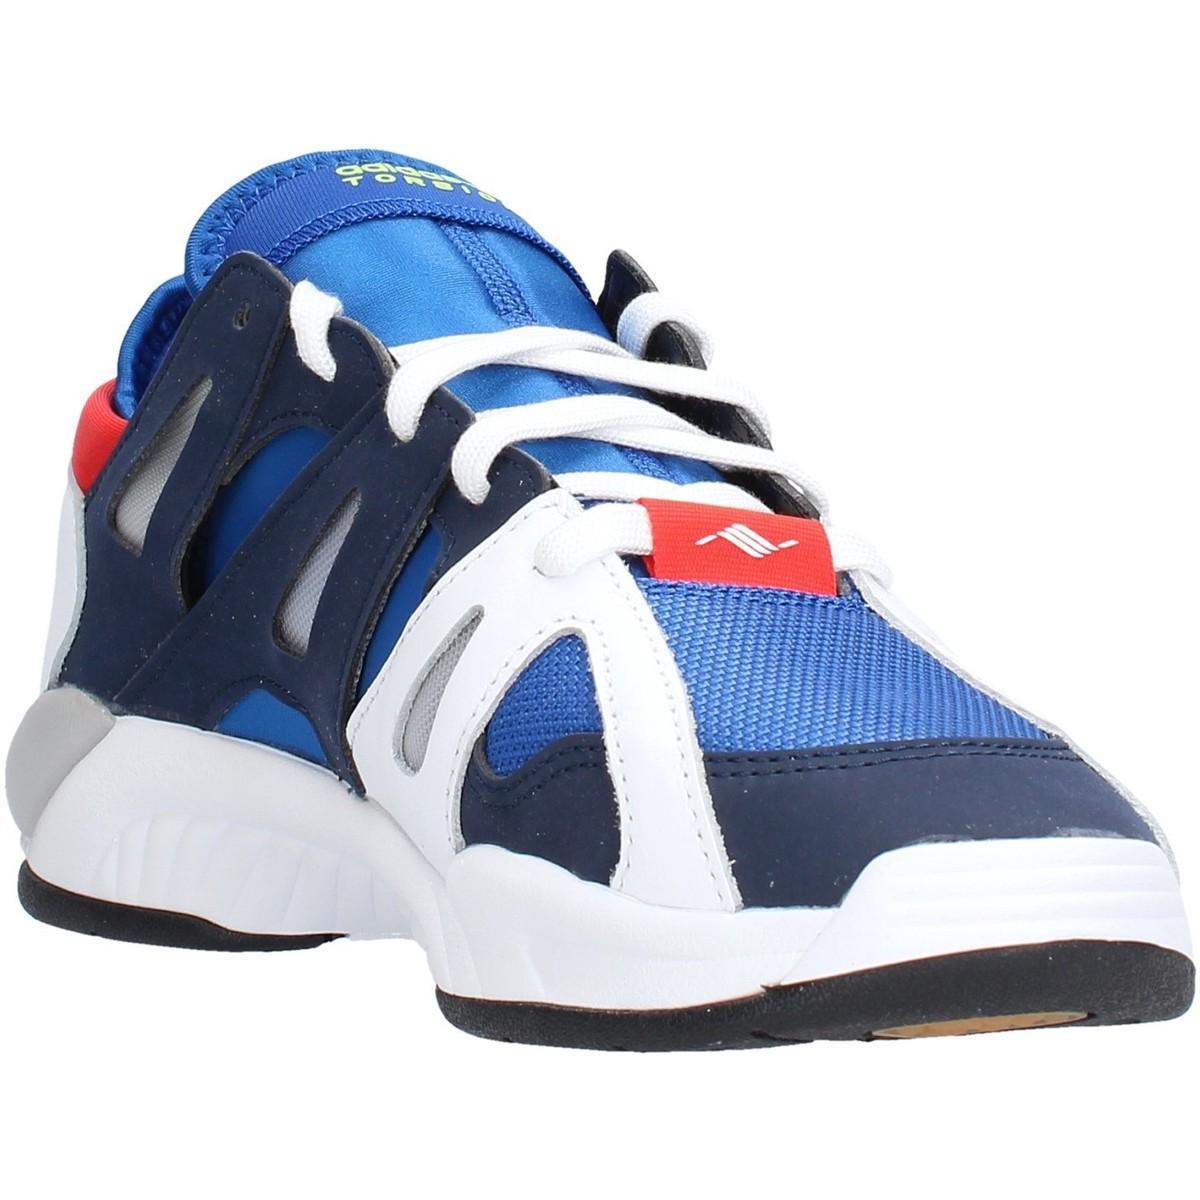 Dimension lo bco/blu BD7649 Chaussures adidas pour homme en coloris Bleu